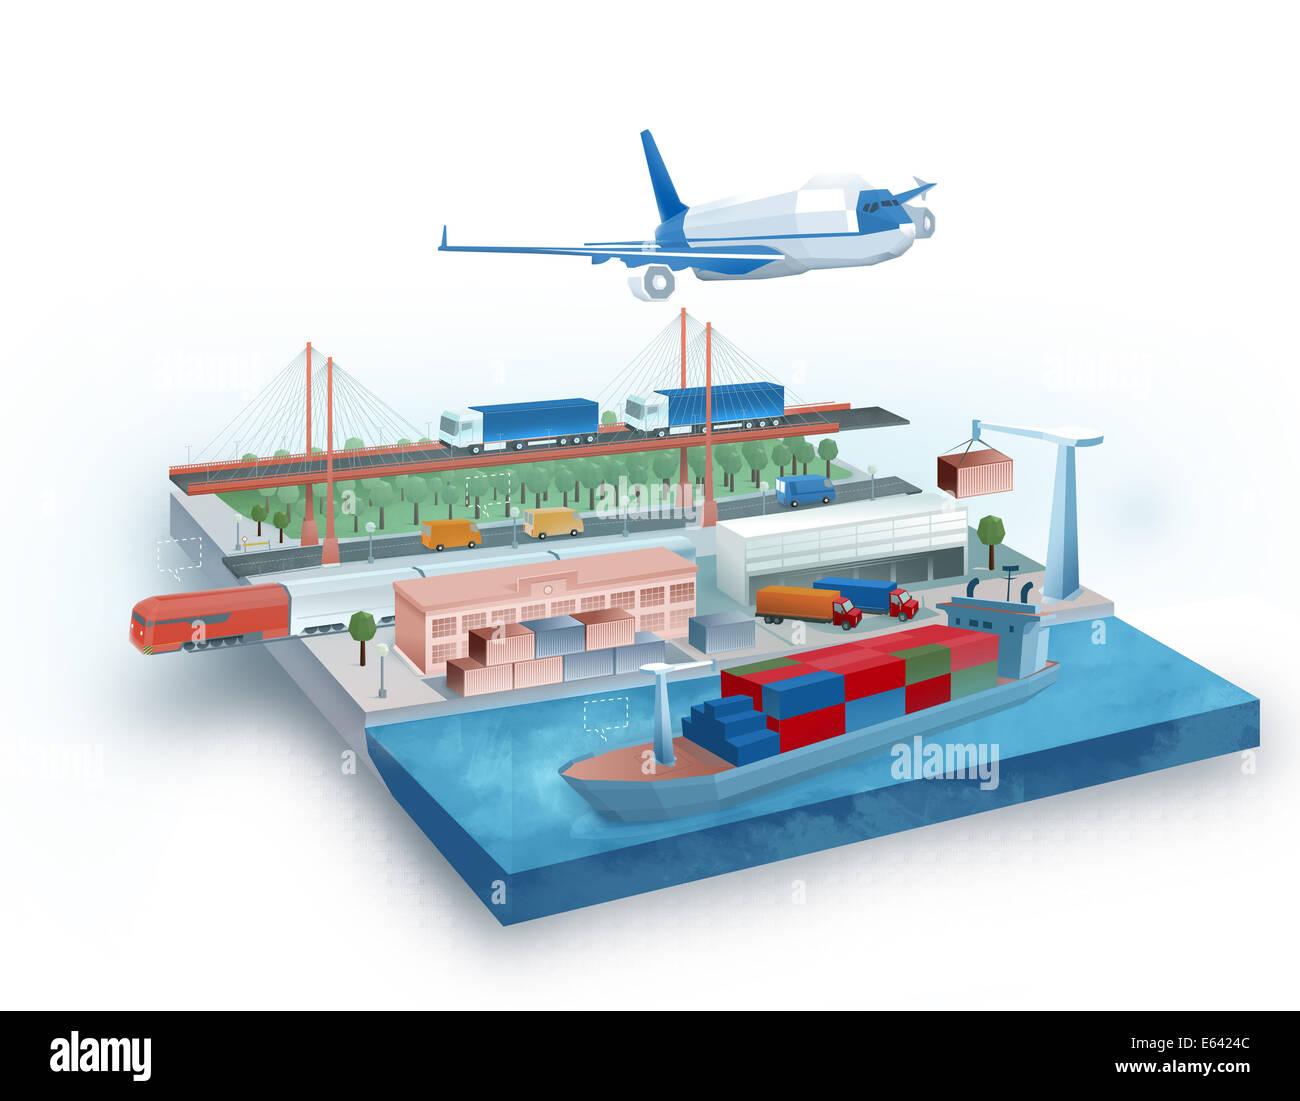 Ilustración del concepto logístico global Imagen De Stock